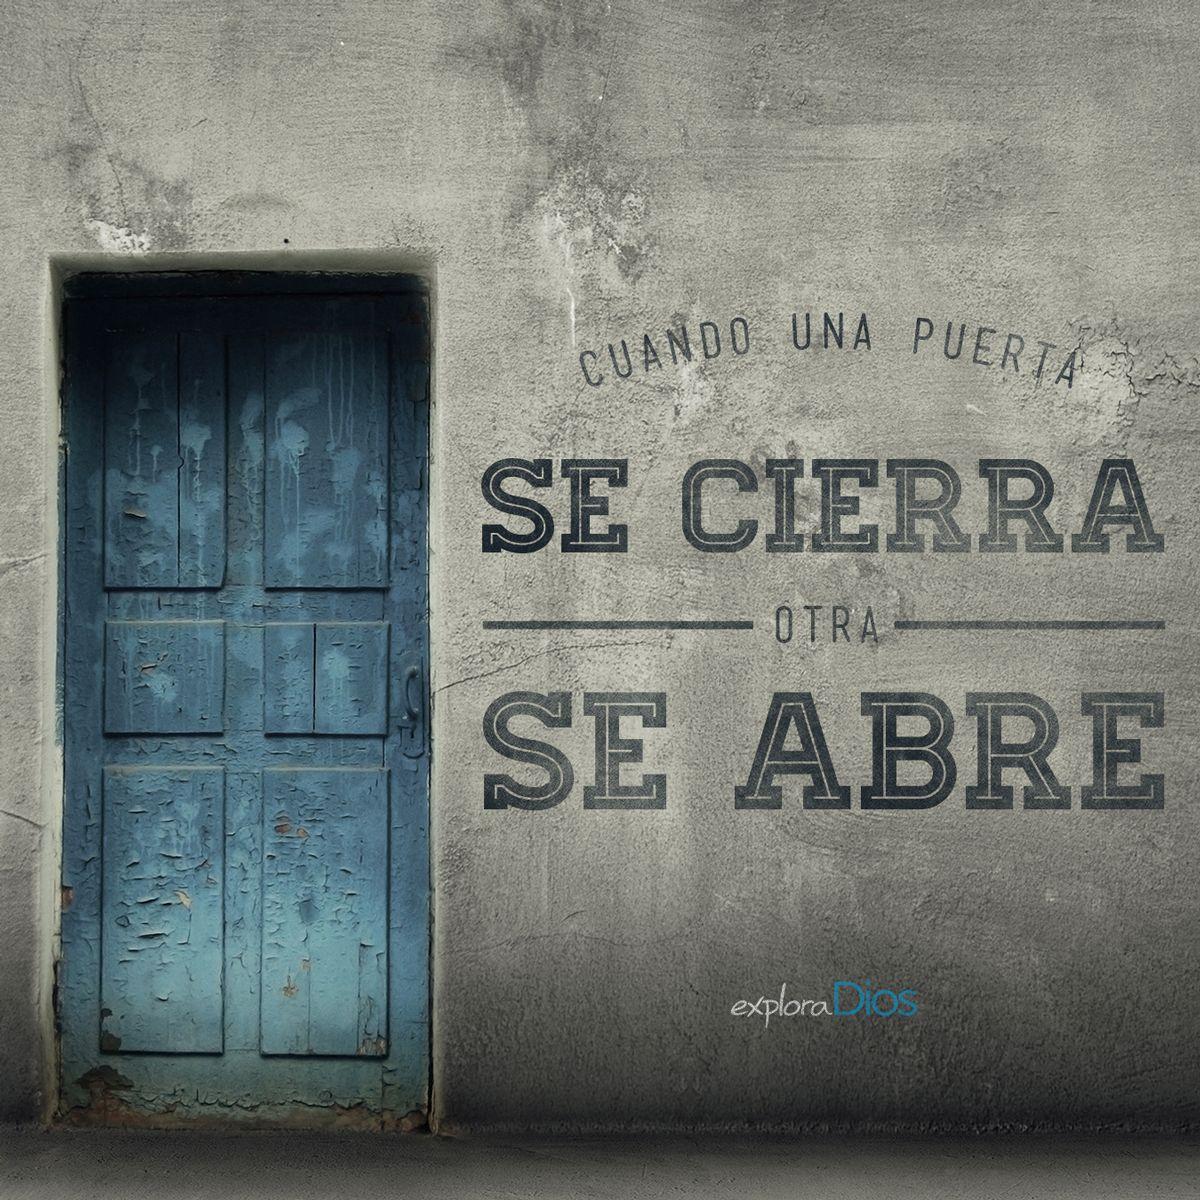 cuando una puerta se cierra otra se abre pero a menudo